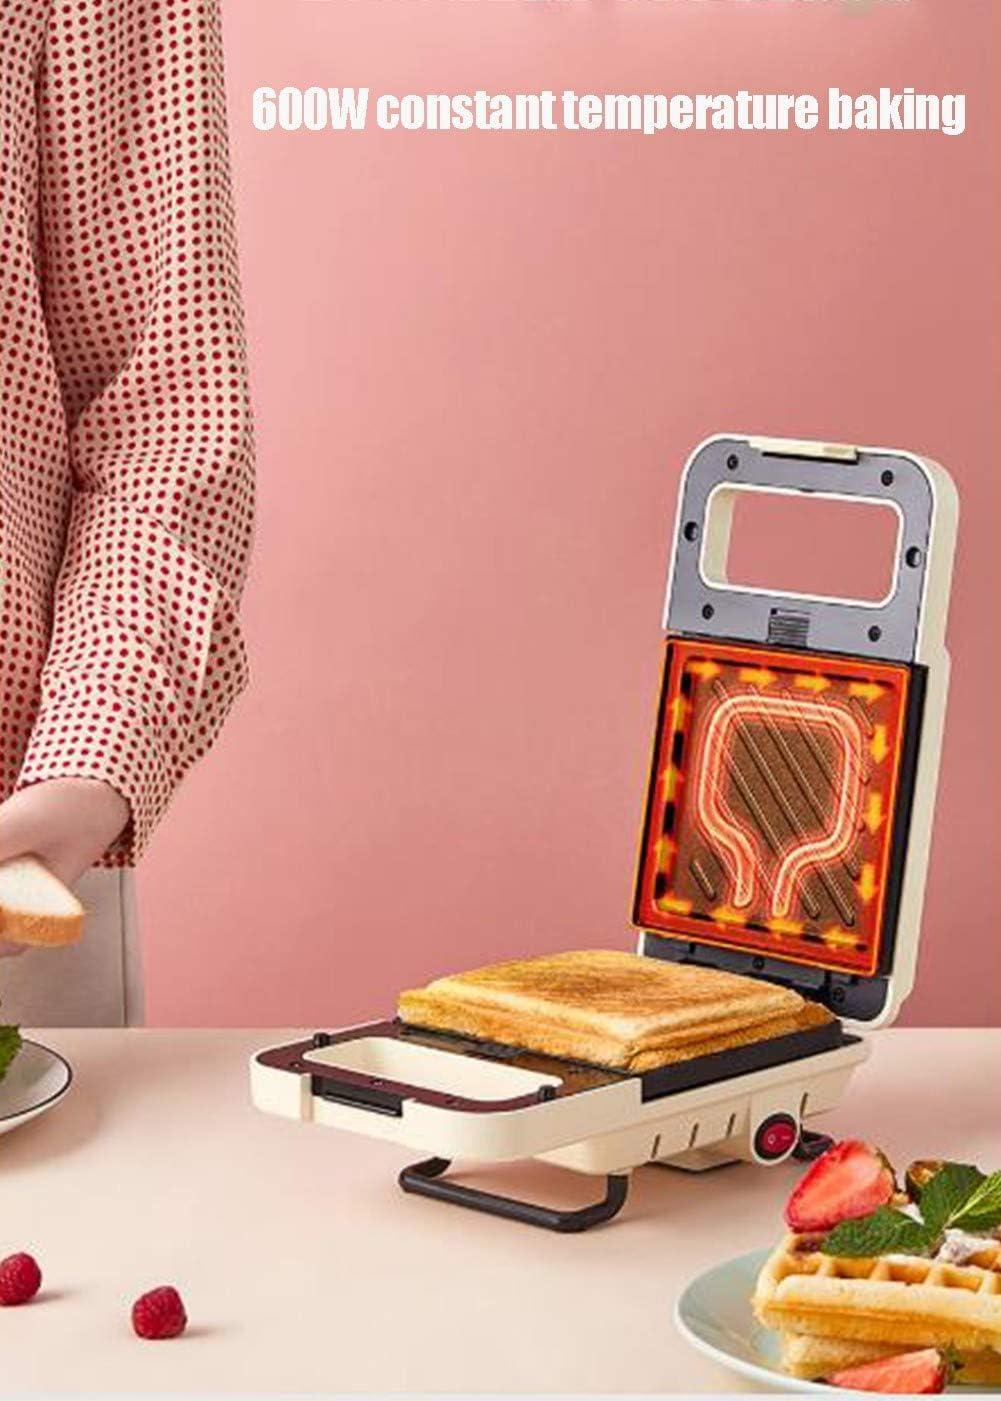 SYZD Gaufrier Electrique Grill Gaufrier Et Sandwich Grande Puissance Plaques à RevêTement AntiadhéSif Easy Clean Et ContrôLe Plaques RemplaçAbles Green White